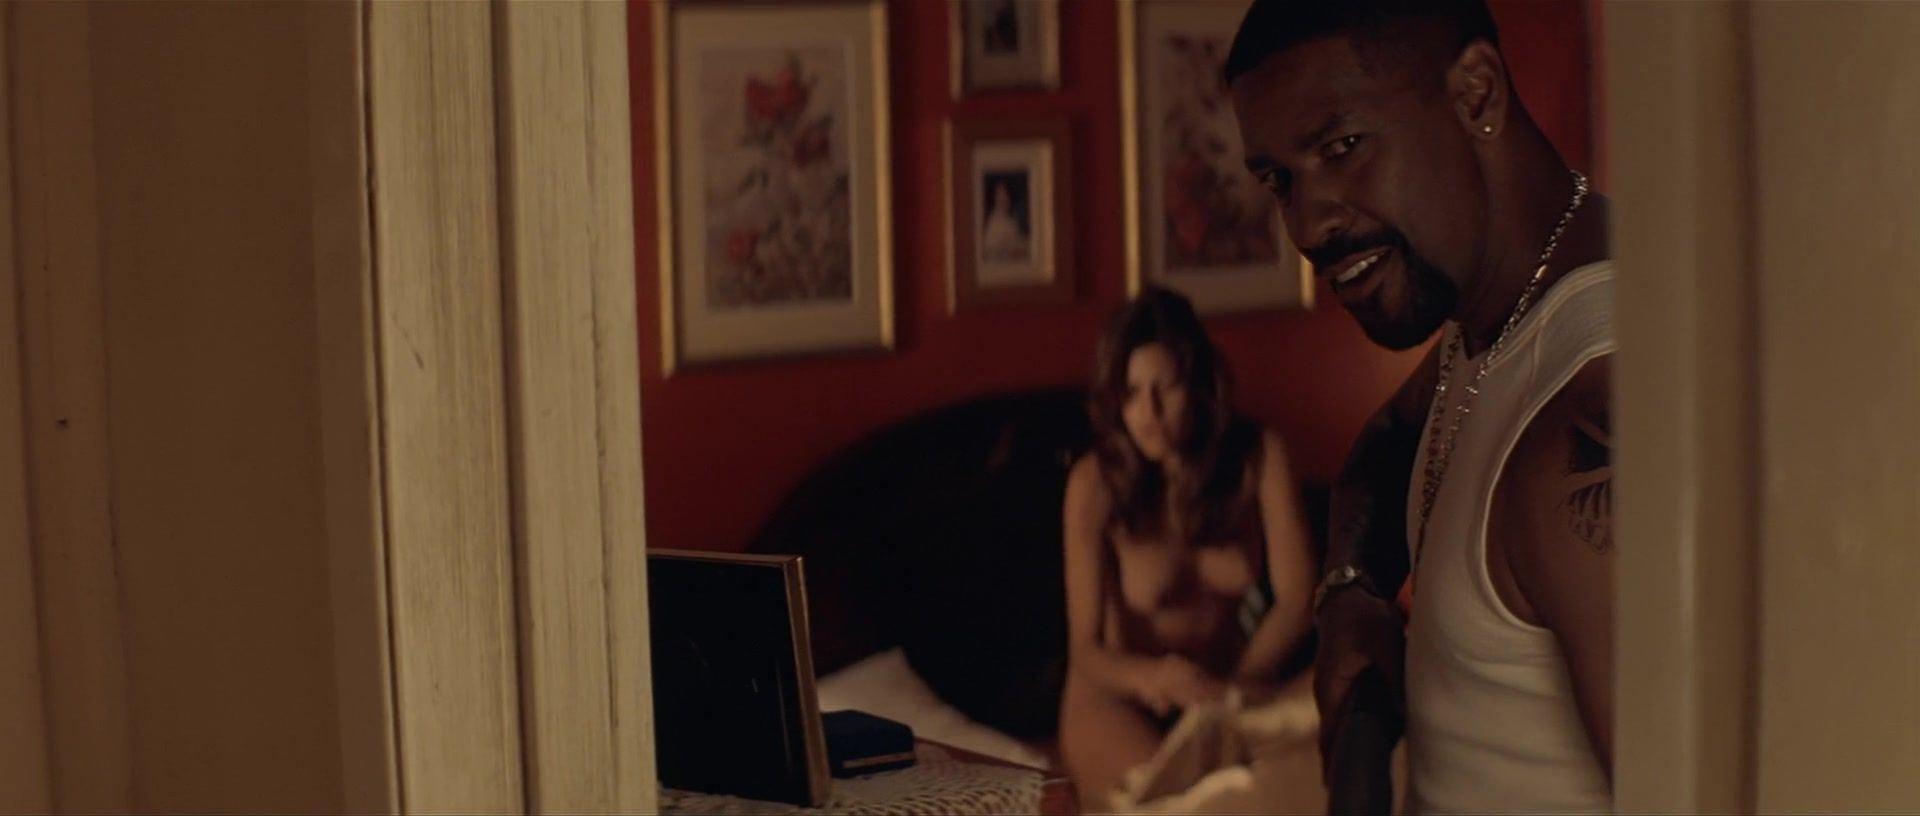 Jessica R. reccomend sex scene eva mendes